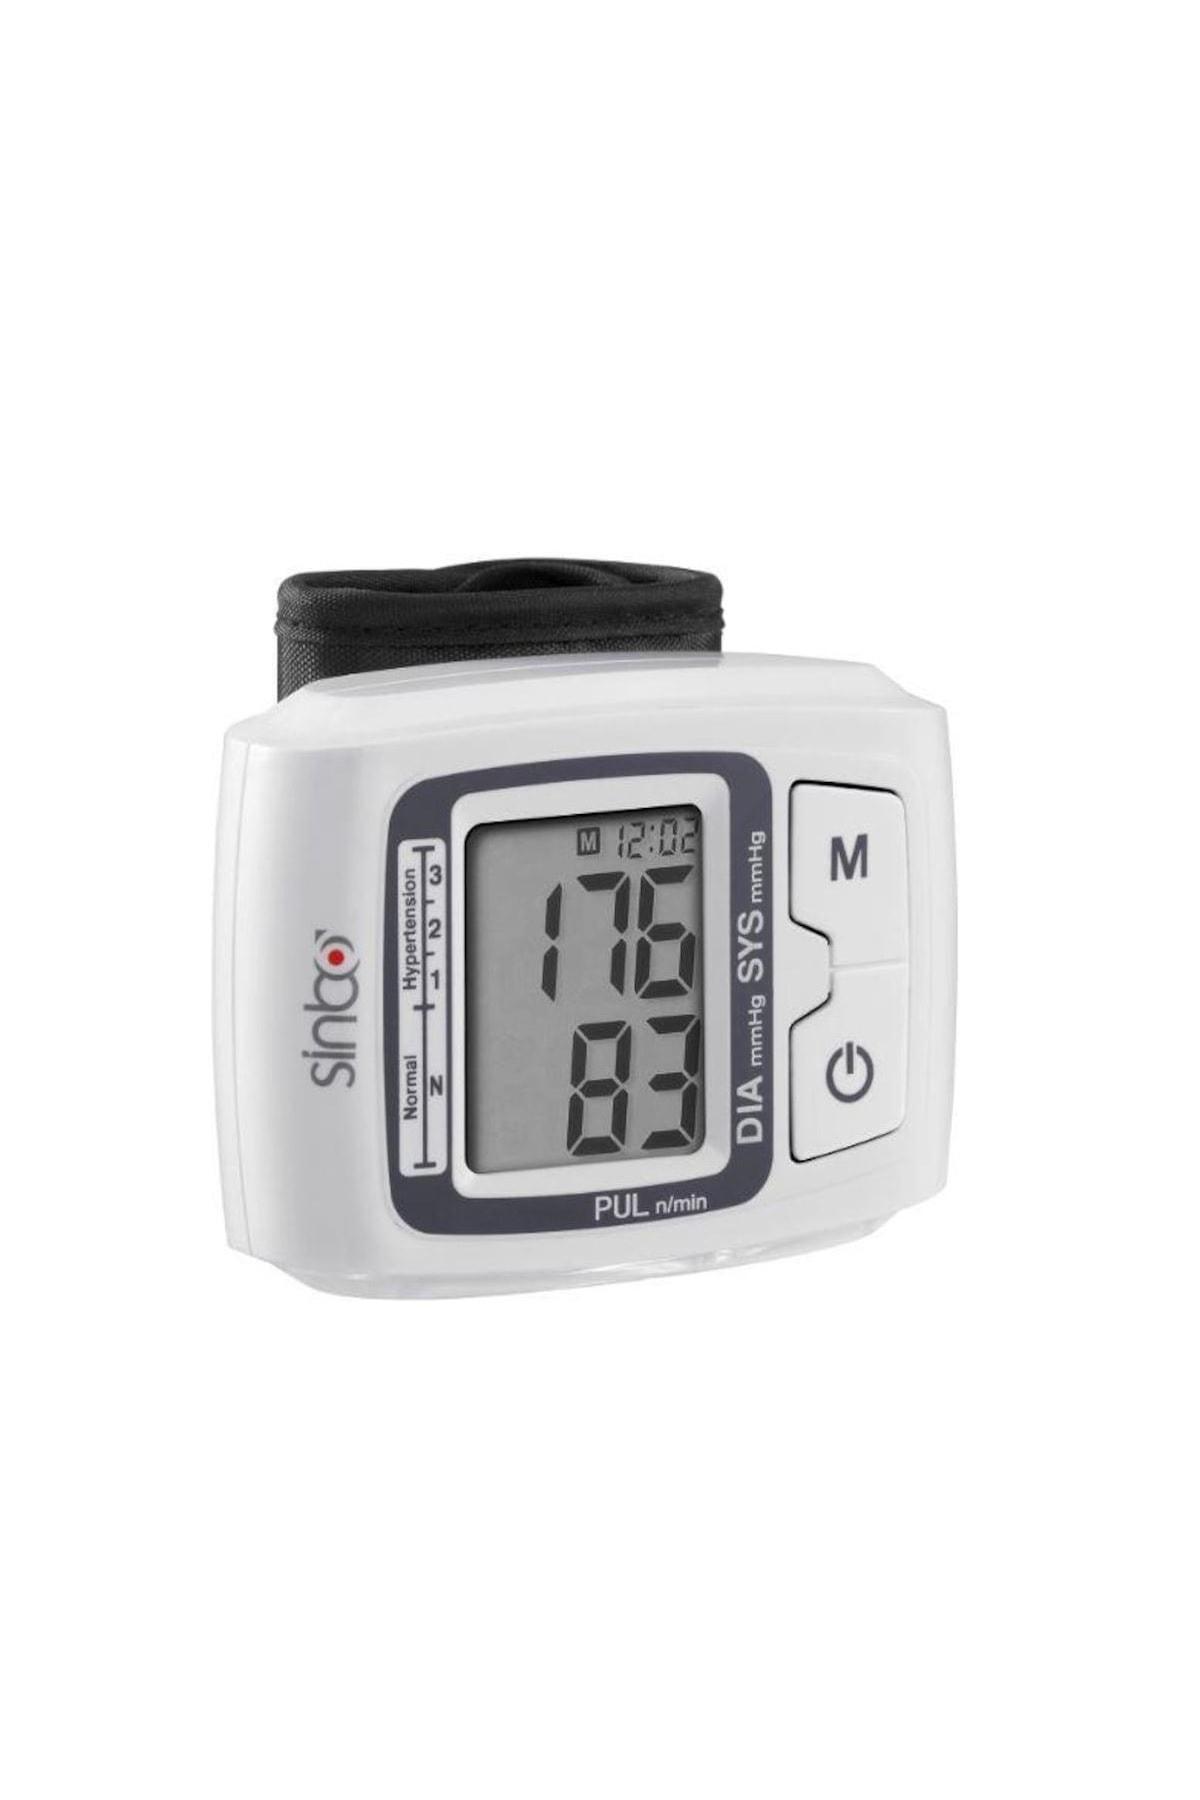 SBP-4608 monitor Digital de presión arterial tipo muñeca